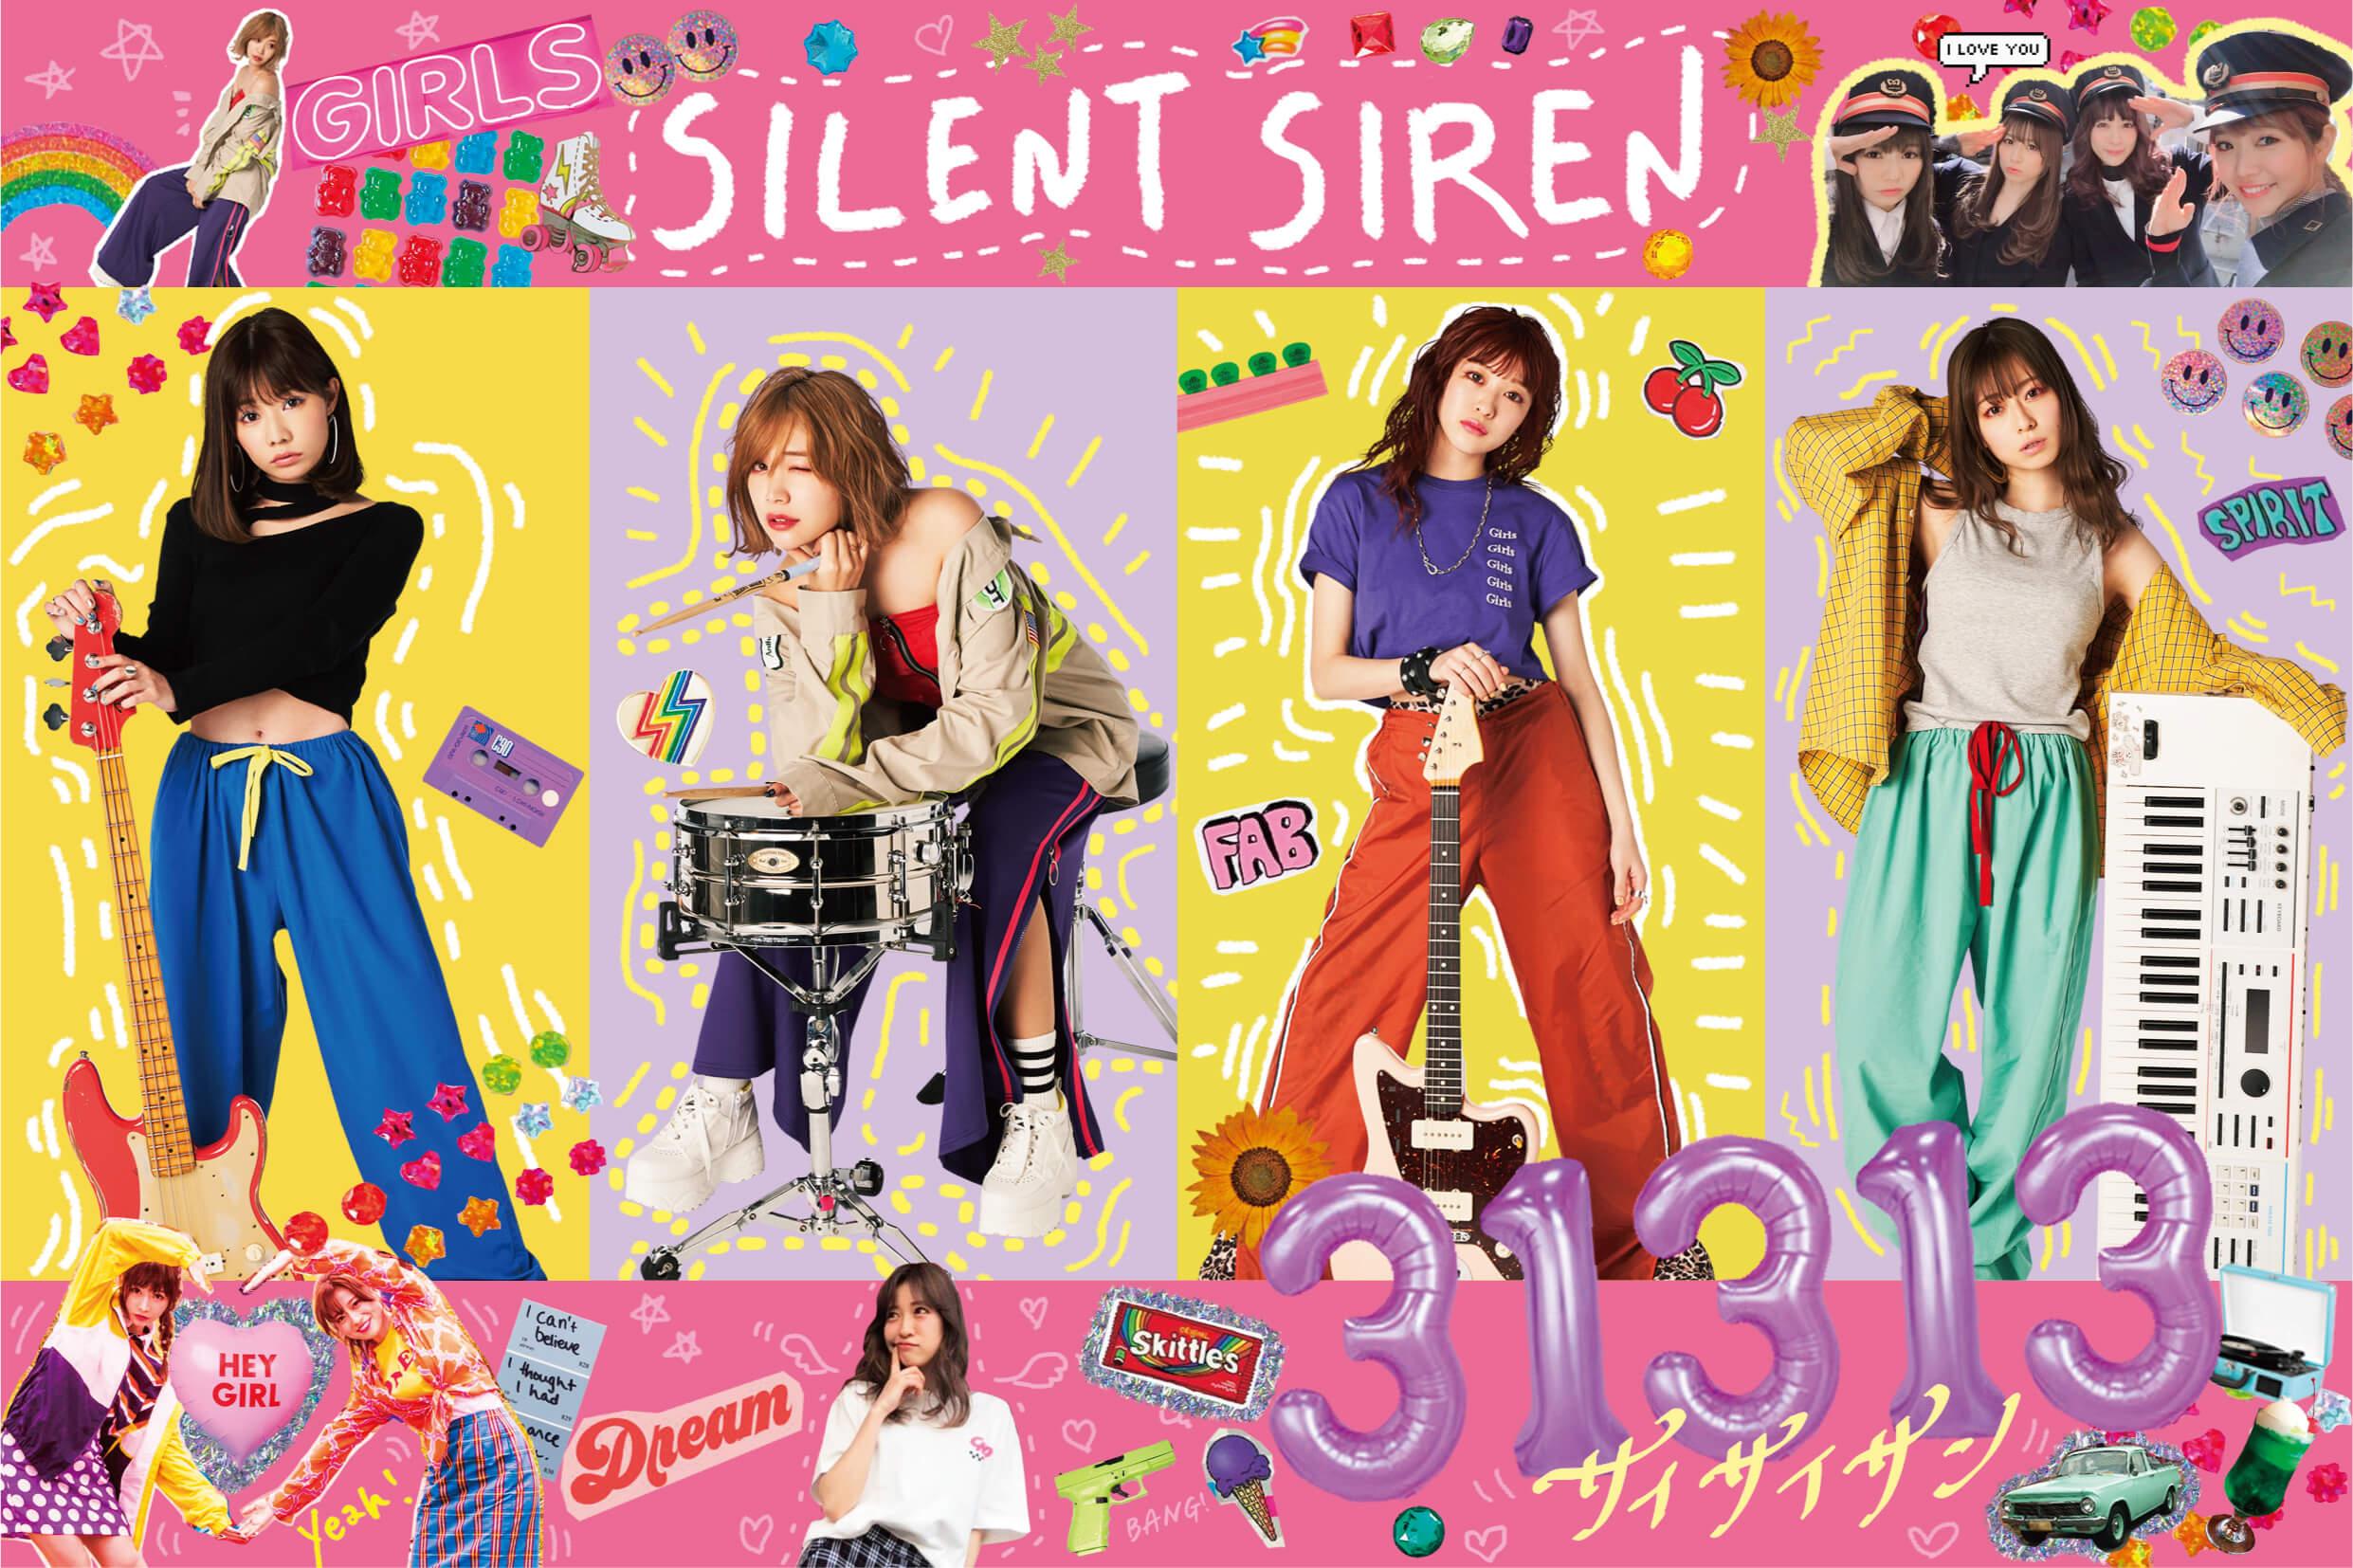 silent-siren-%e5%88%9d%e5%9b%9e